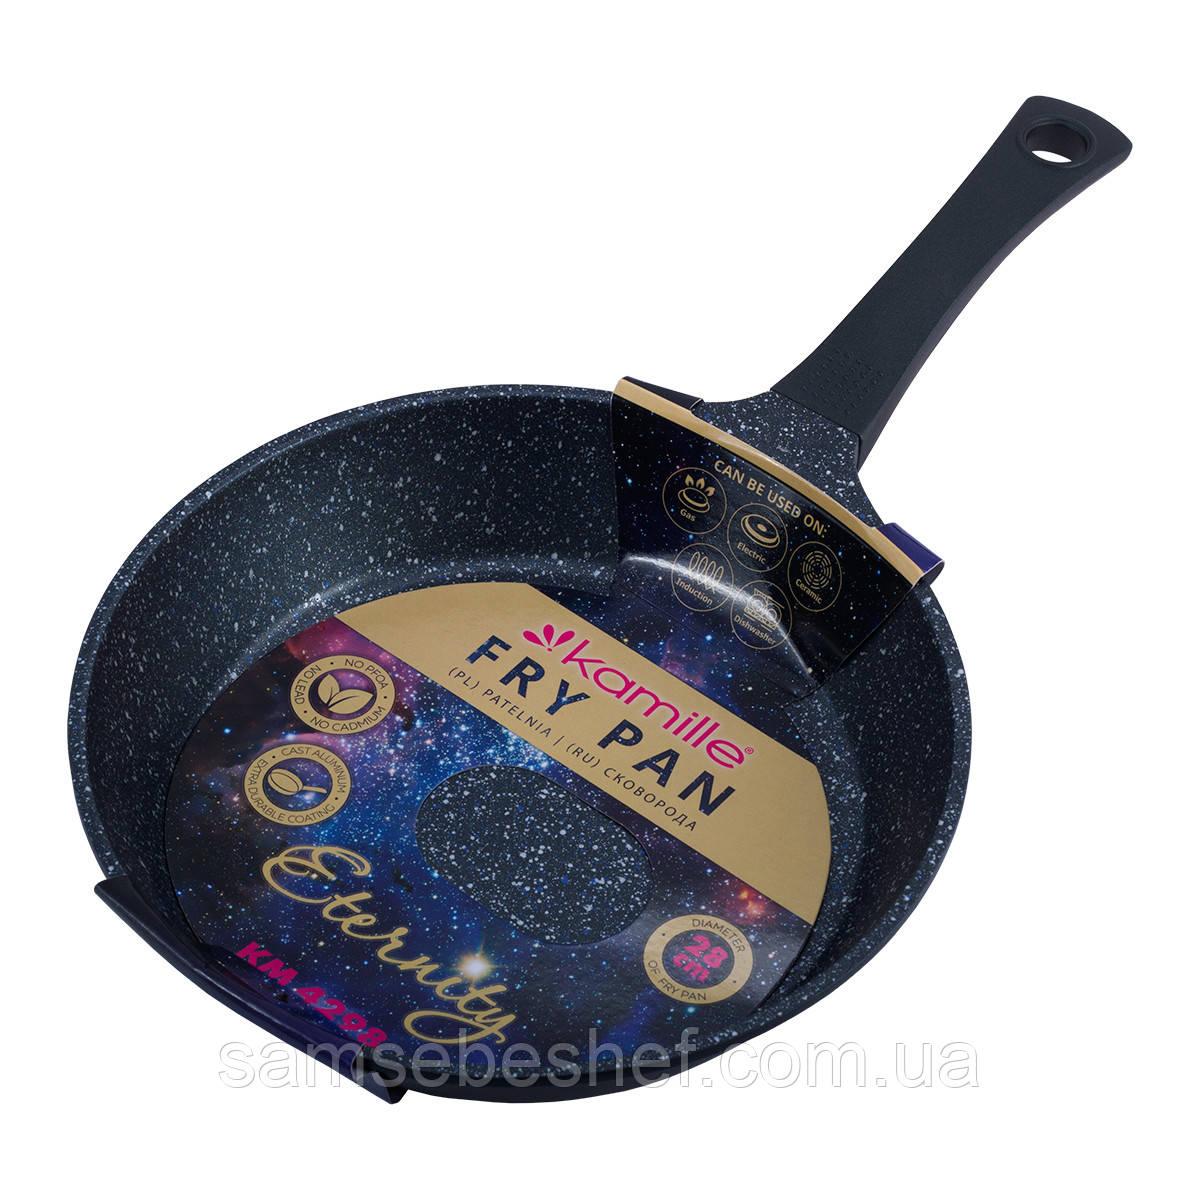 Сковорода Kamille ETERNITY Черный 28см из литого алюминия с антипригарным покрытием KM-4298